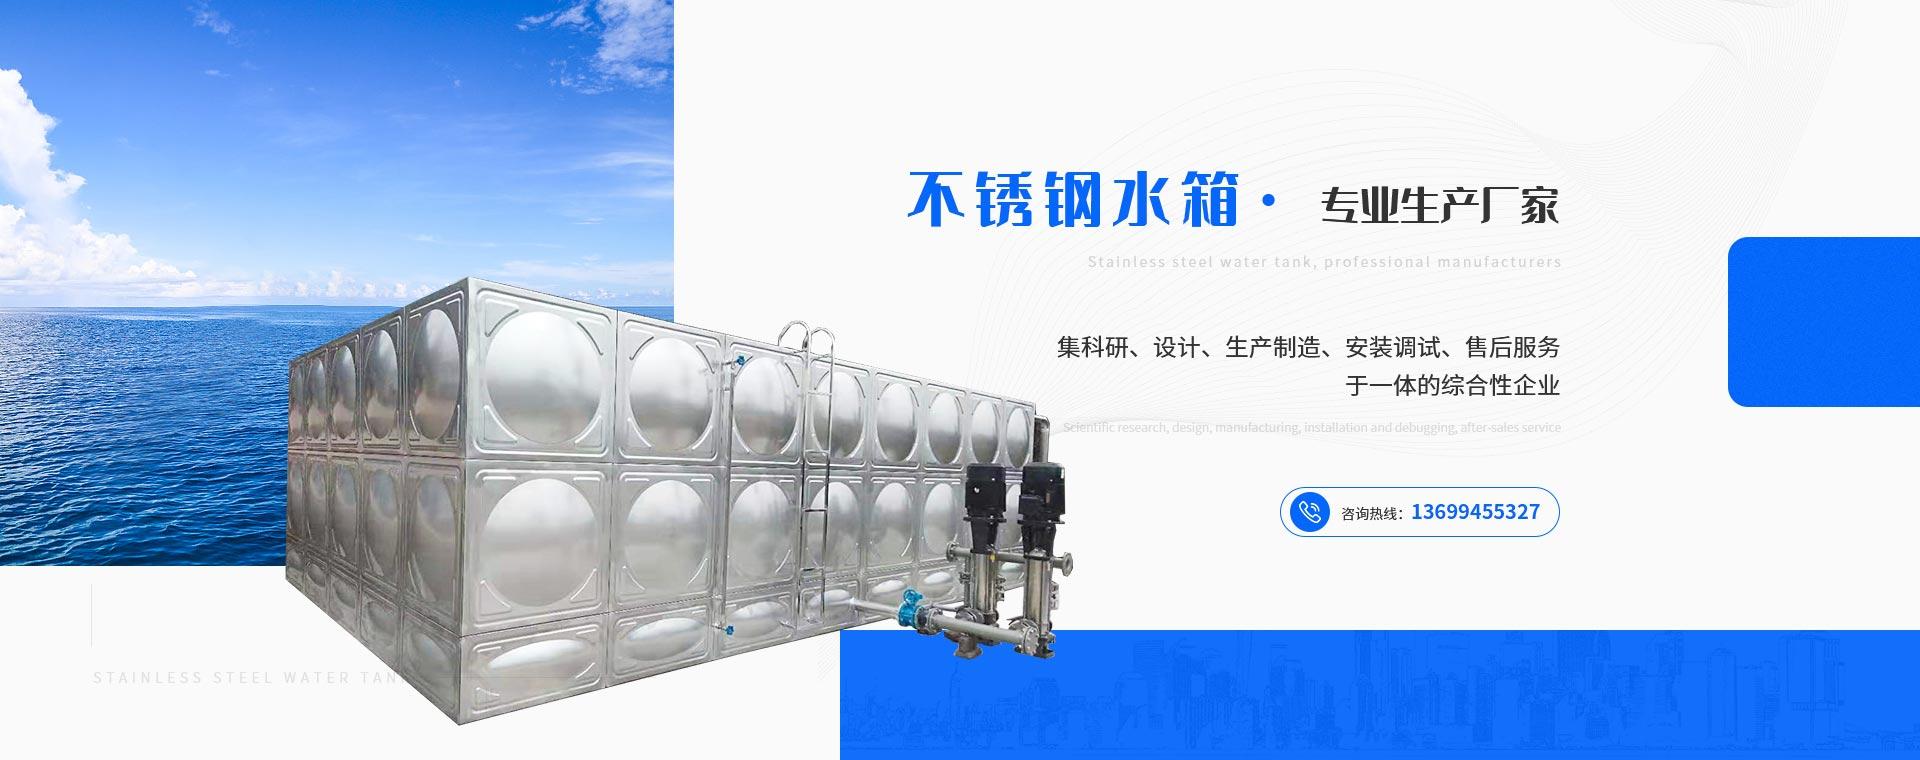 成都二次供水设备